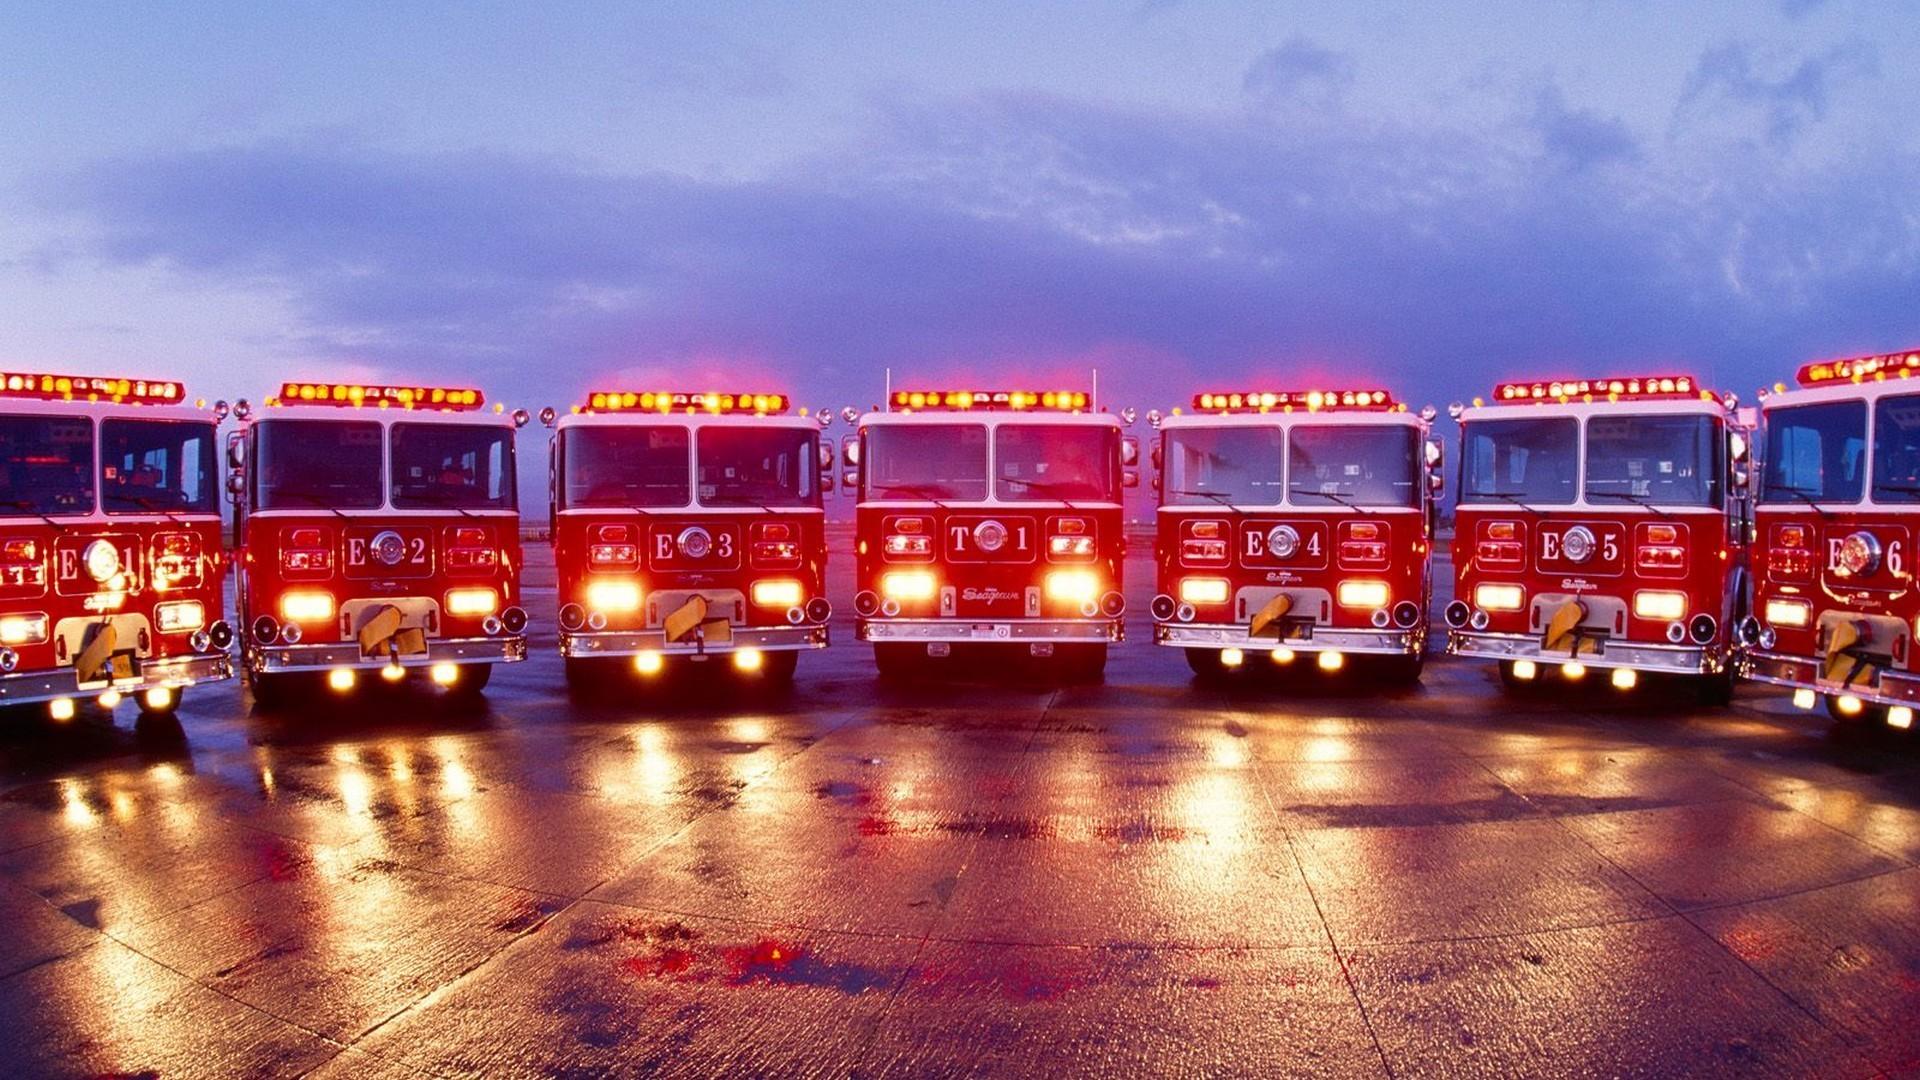 Res: 1920x1080, Firefighter Wallpaper  Firefighter